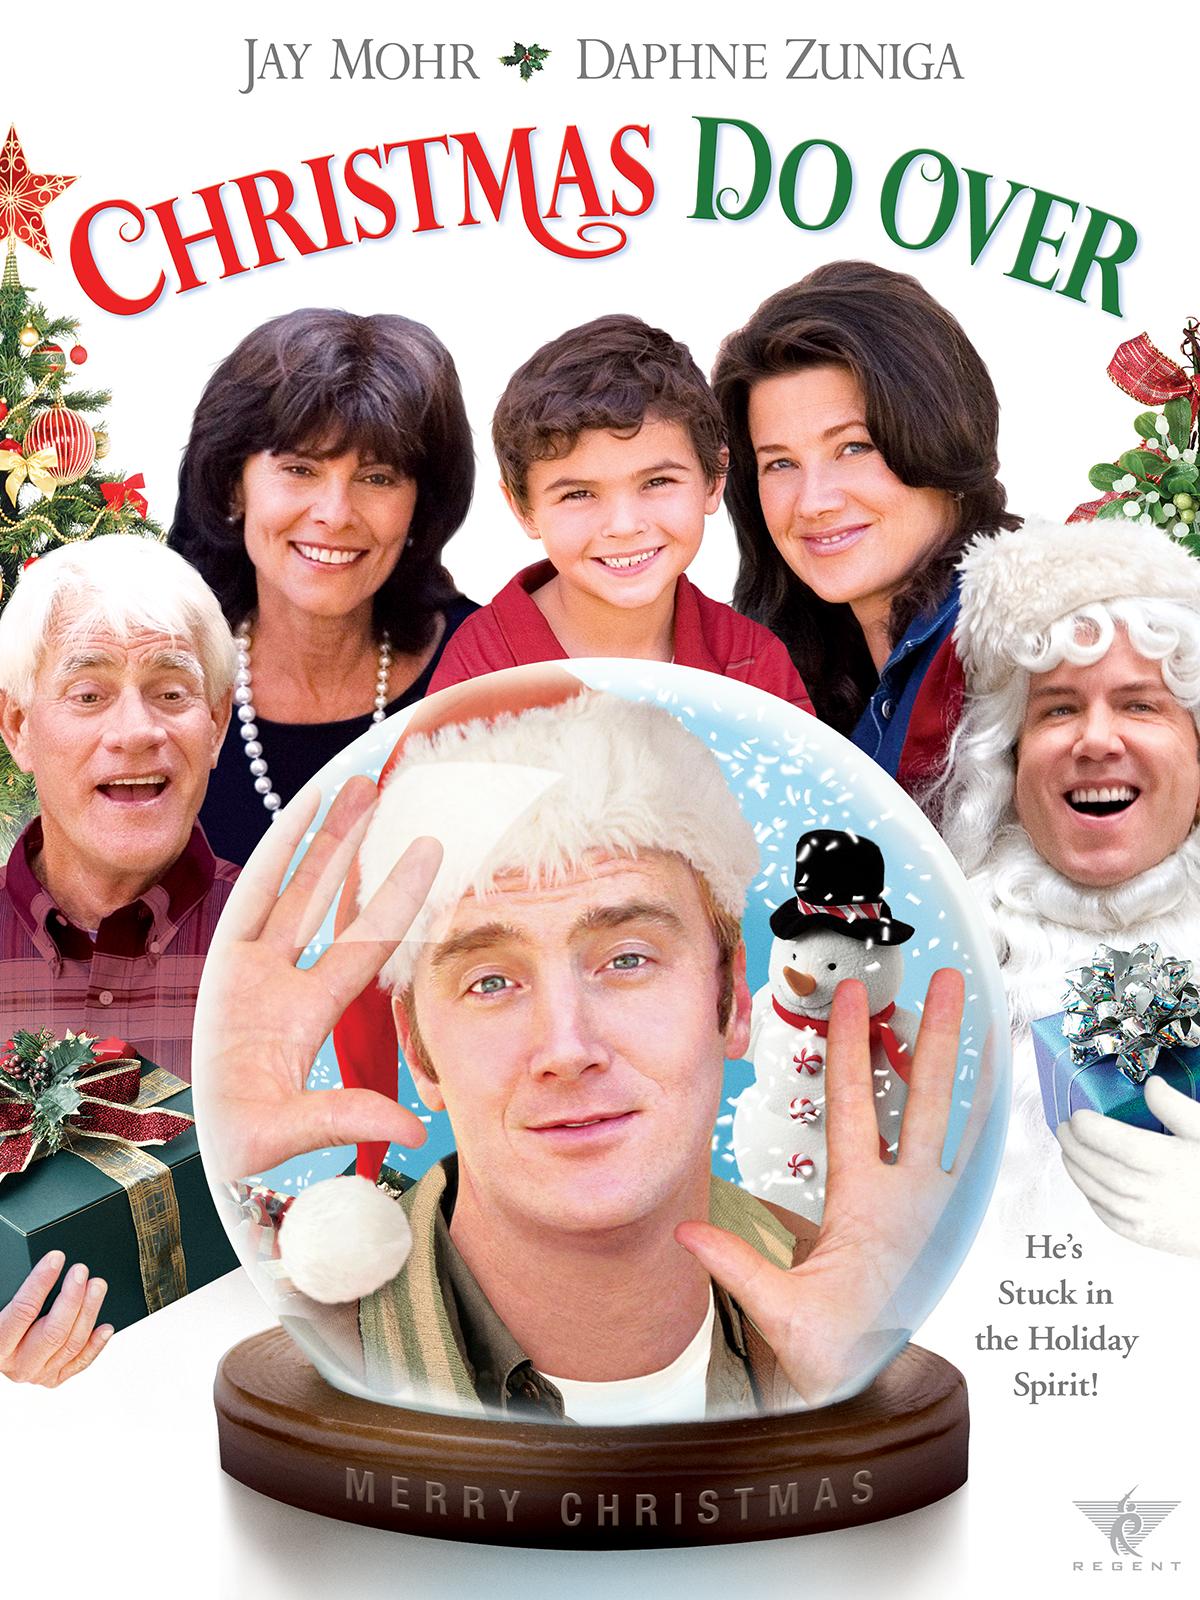 Here-ChristmasDoOver-Full-Image-en-US.jpg